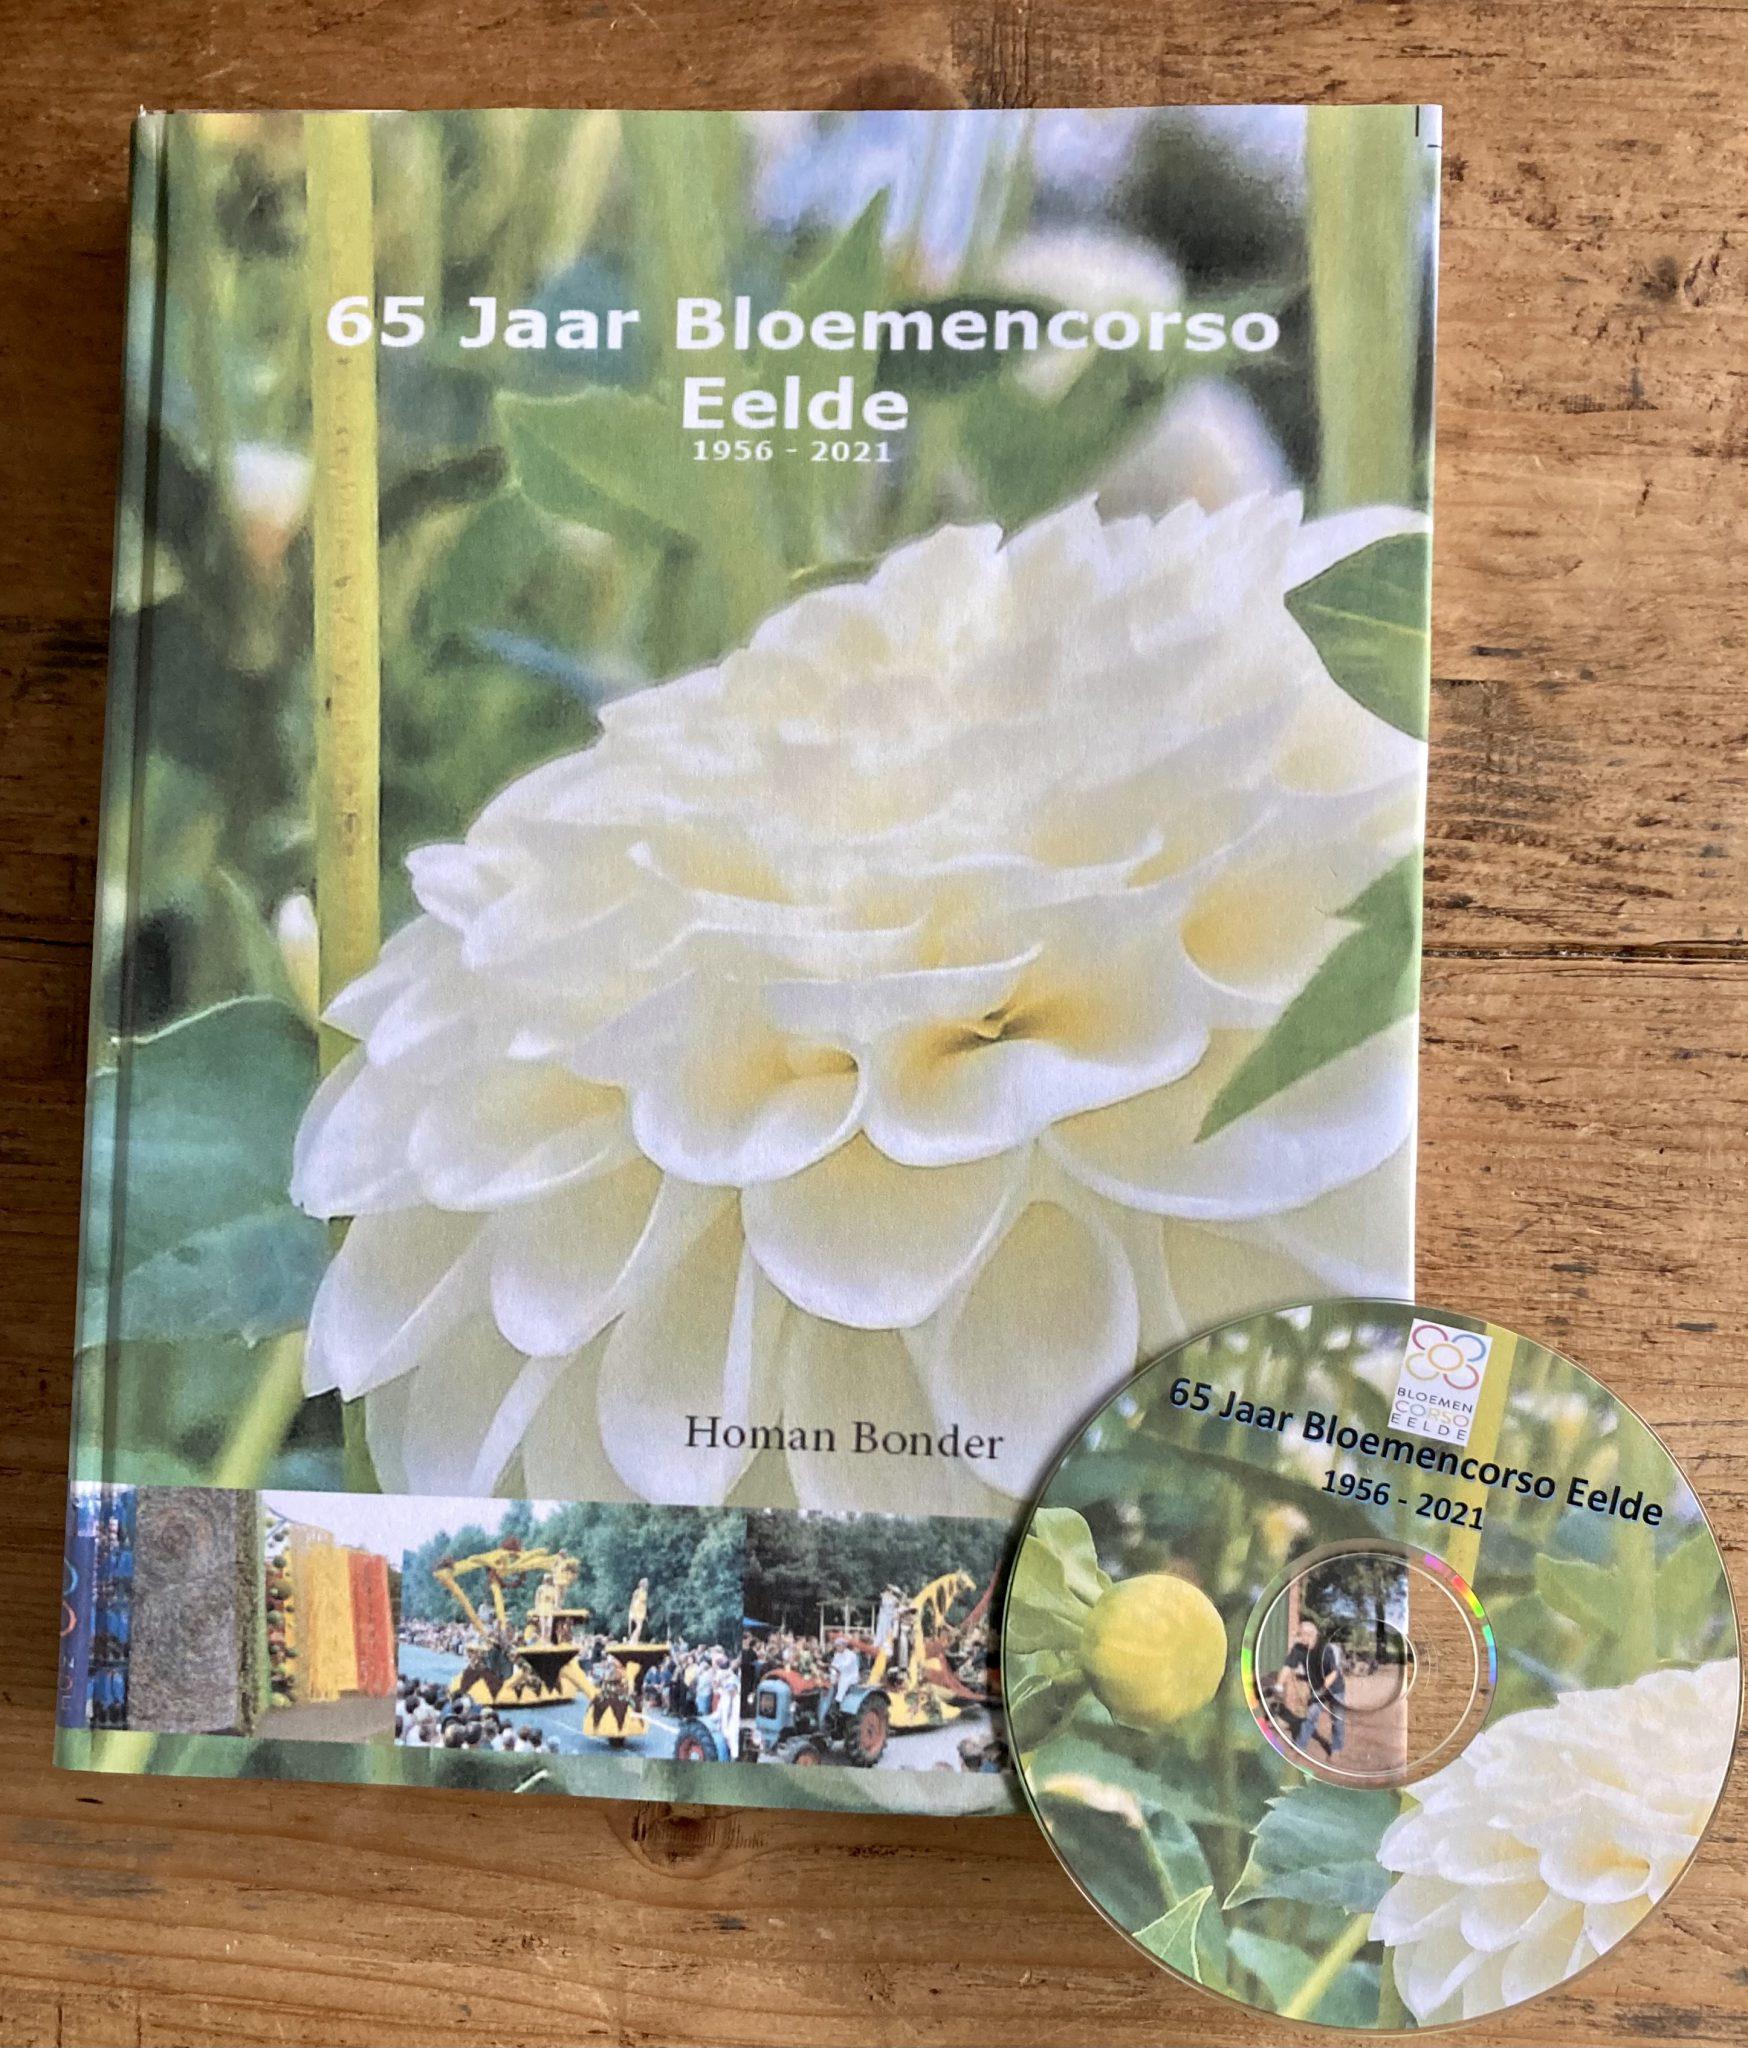 65 jaar Bloemencorso Eelde jubileumboek